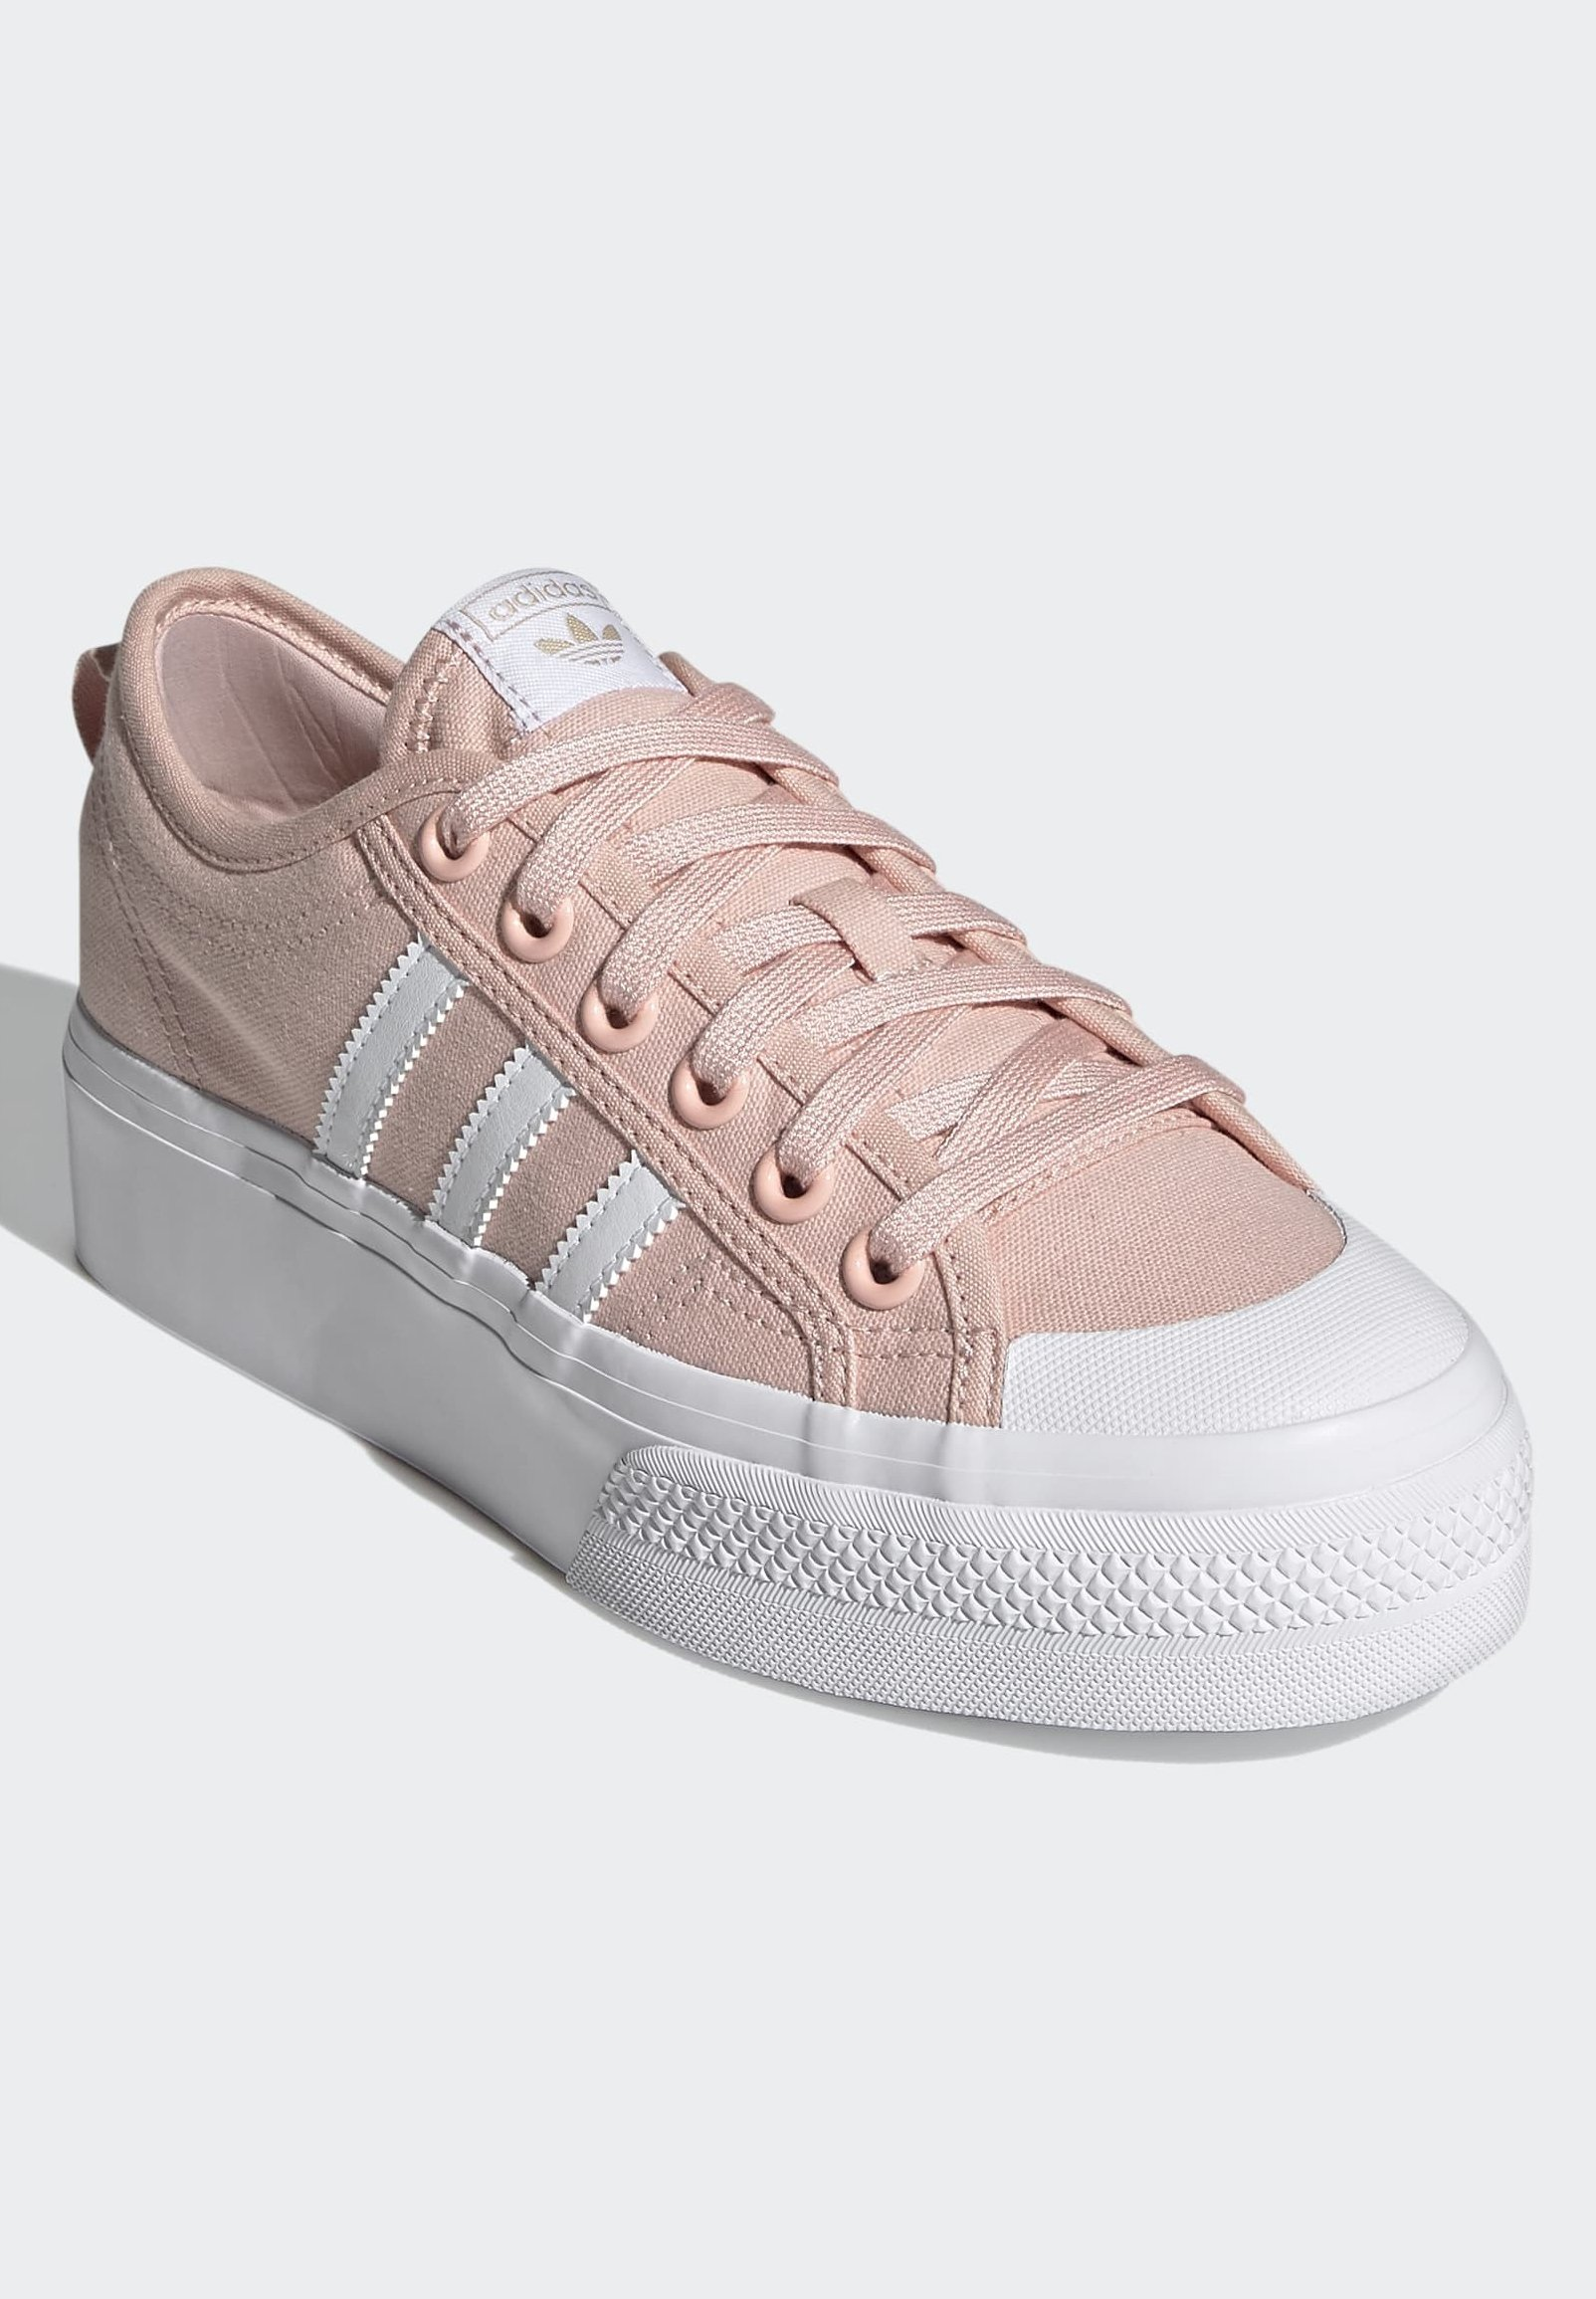 adidas Originals NIZZA - Baskets basses - pink/rose - ZALANDO.FR